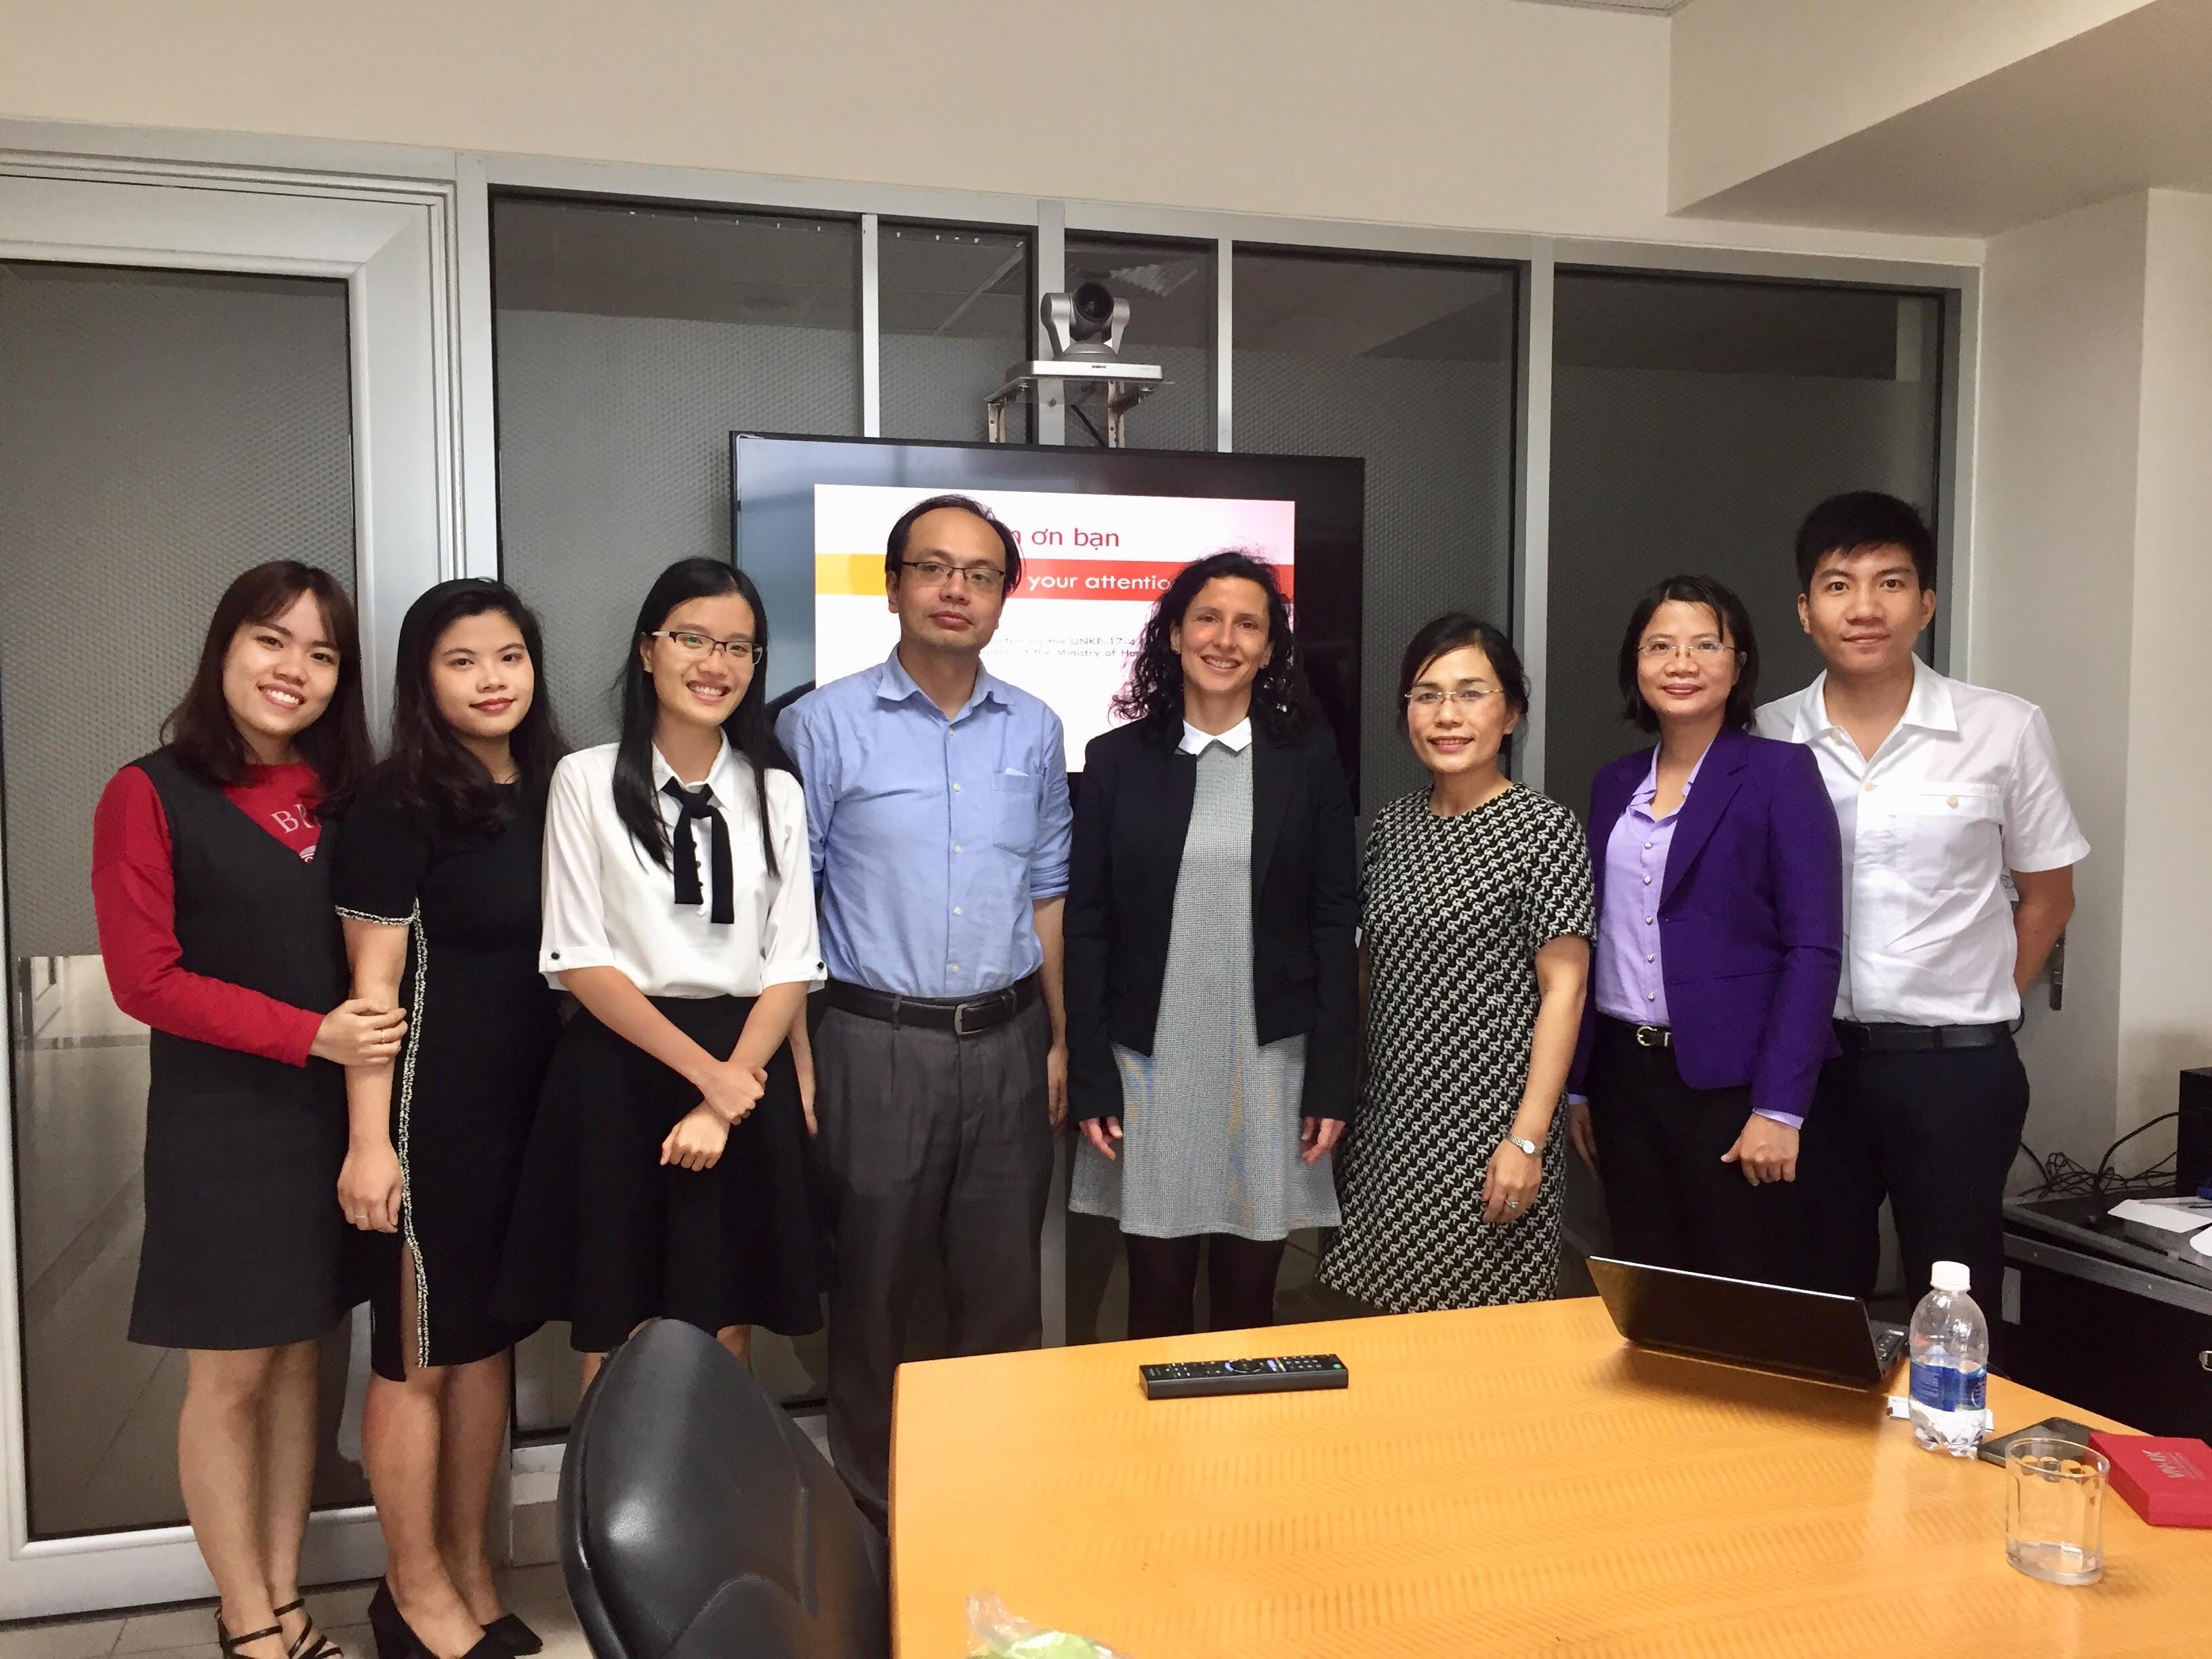 Chuyến thăm VNUK của đại diện đến từ Đại học Obuda!